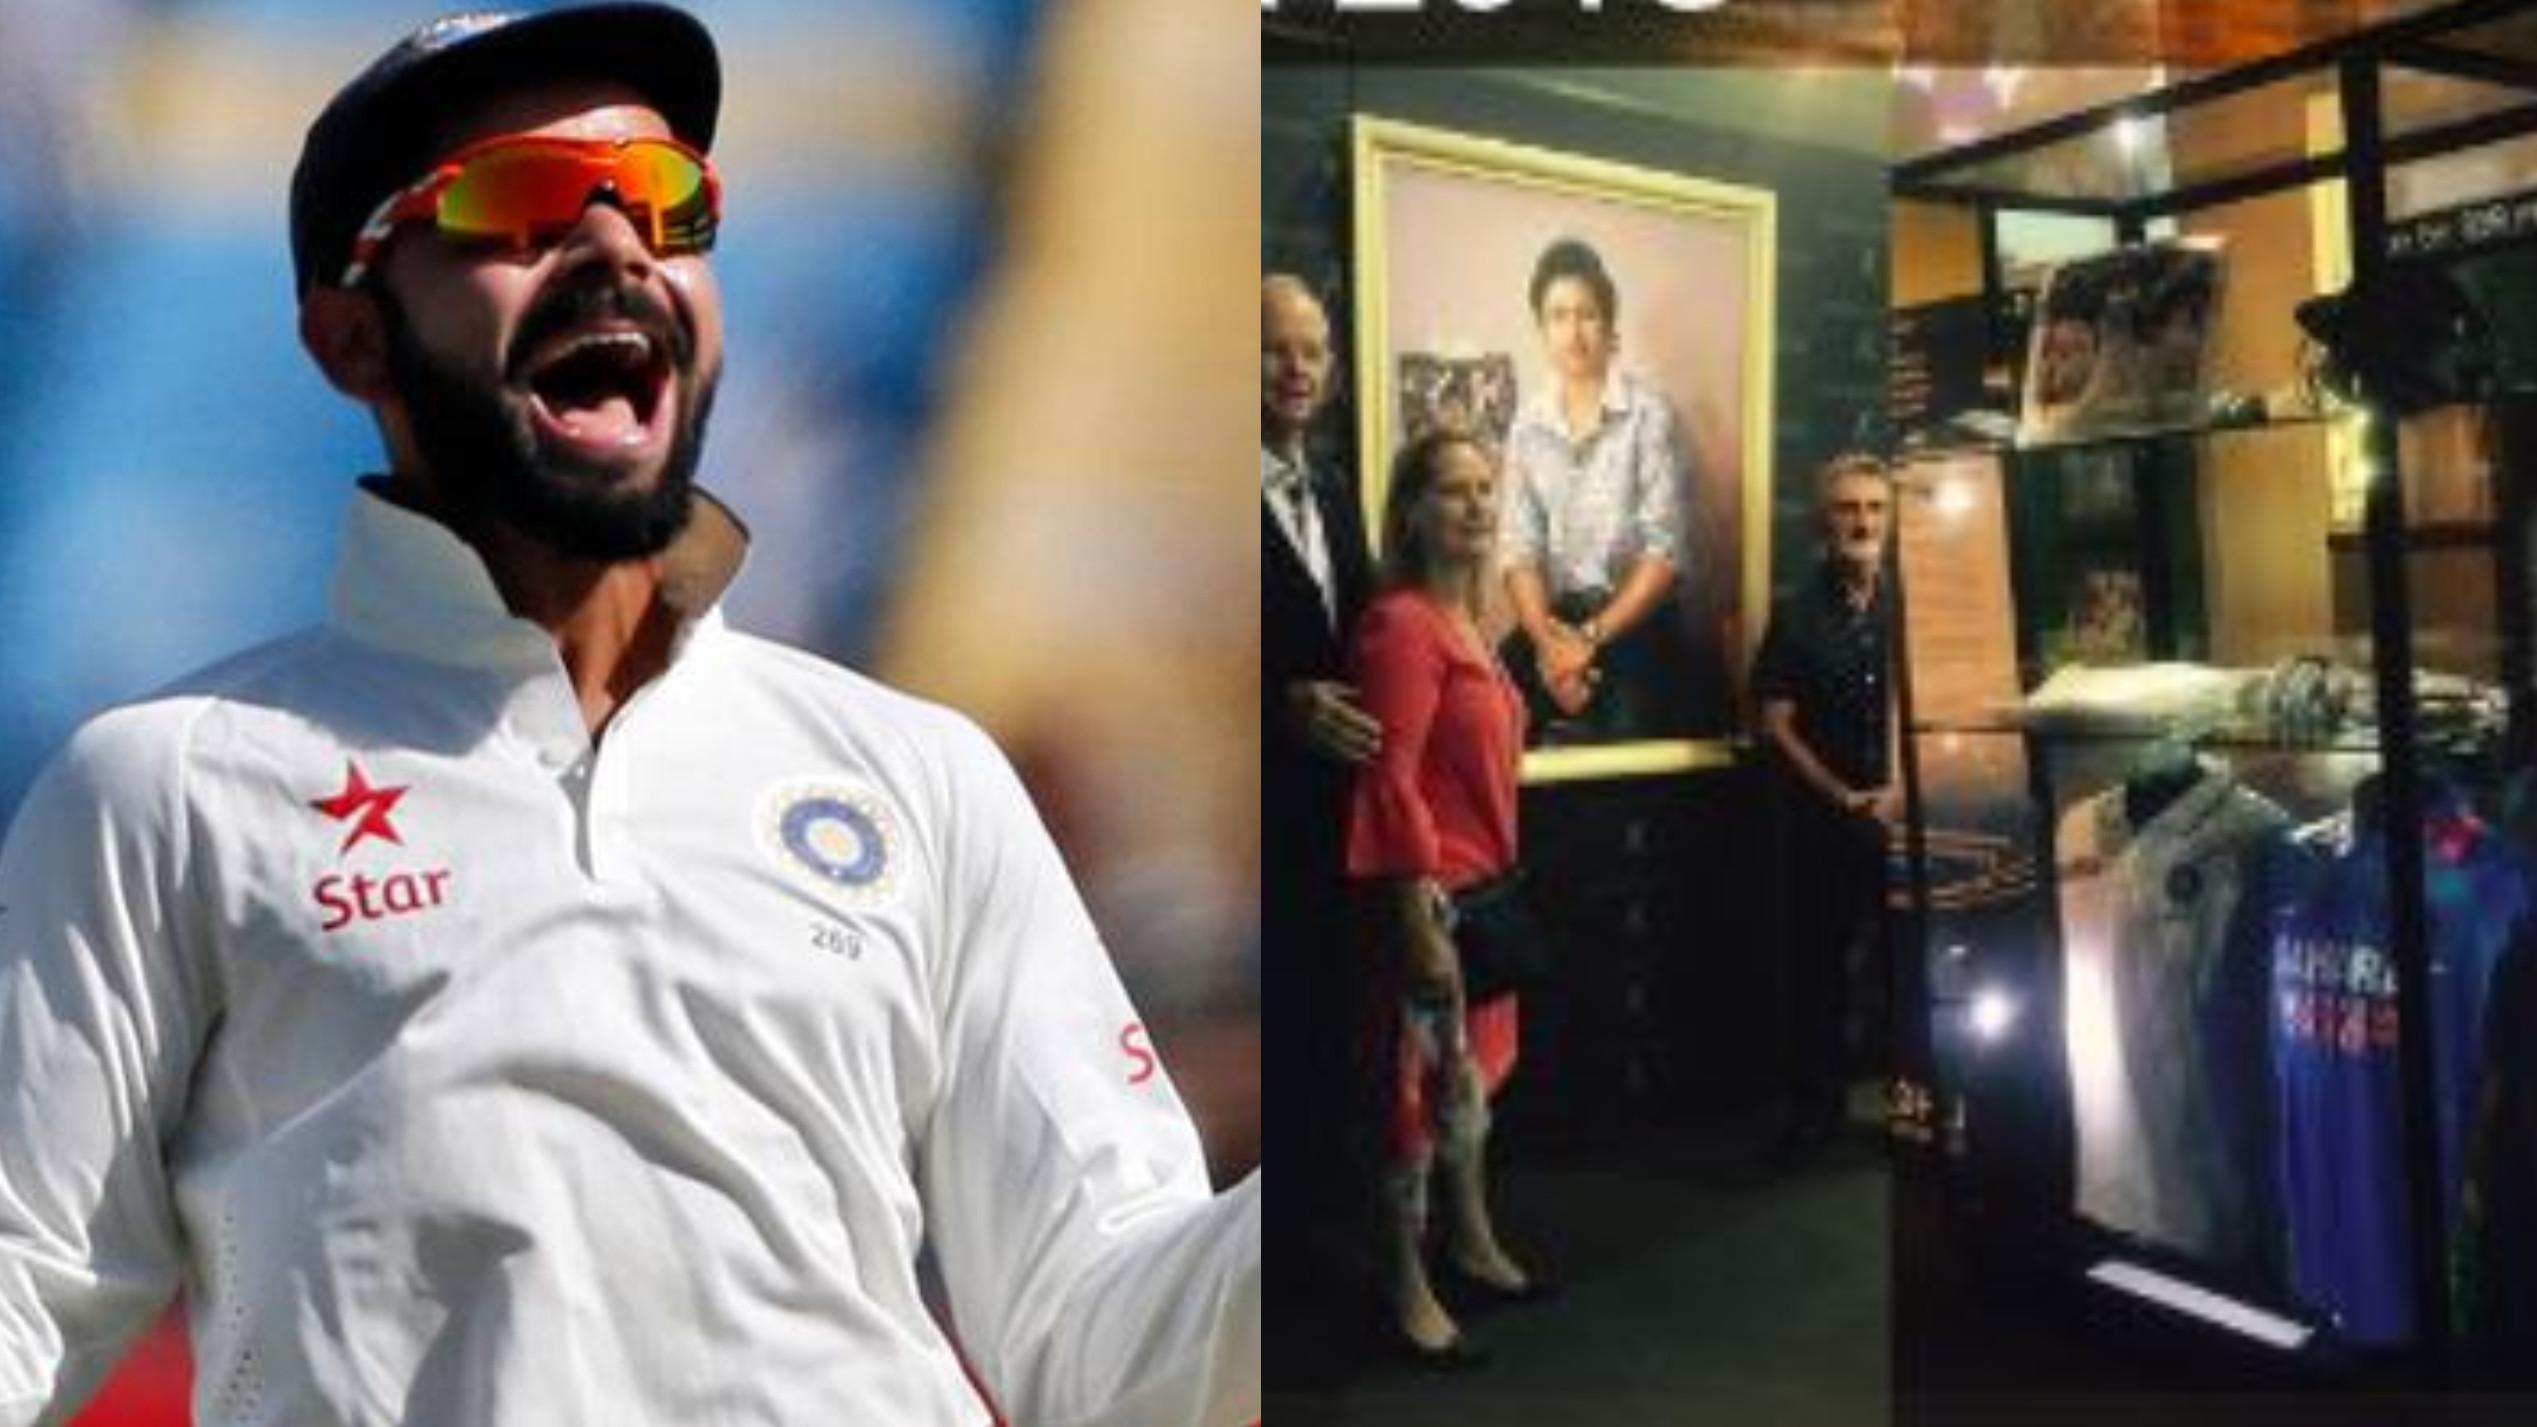 AUS v IND 2018-19: विराट कोहली को एडीलेड टेस्ट से पहले ब्रैडमैन संग्रहालय द्वारा विशेष रूप से किया गया सम्मानित